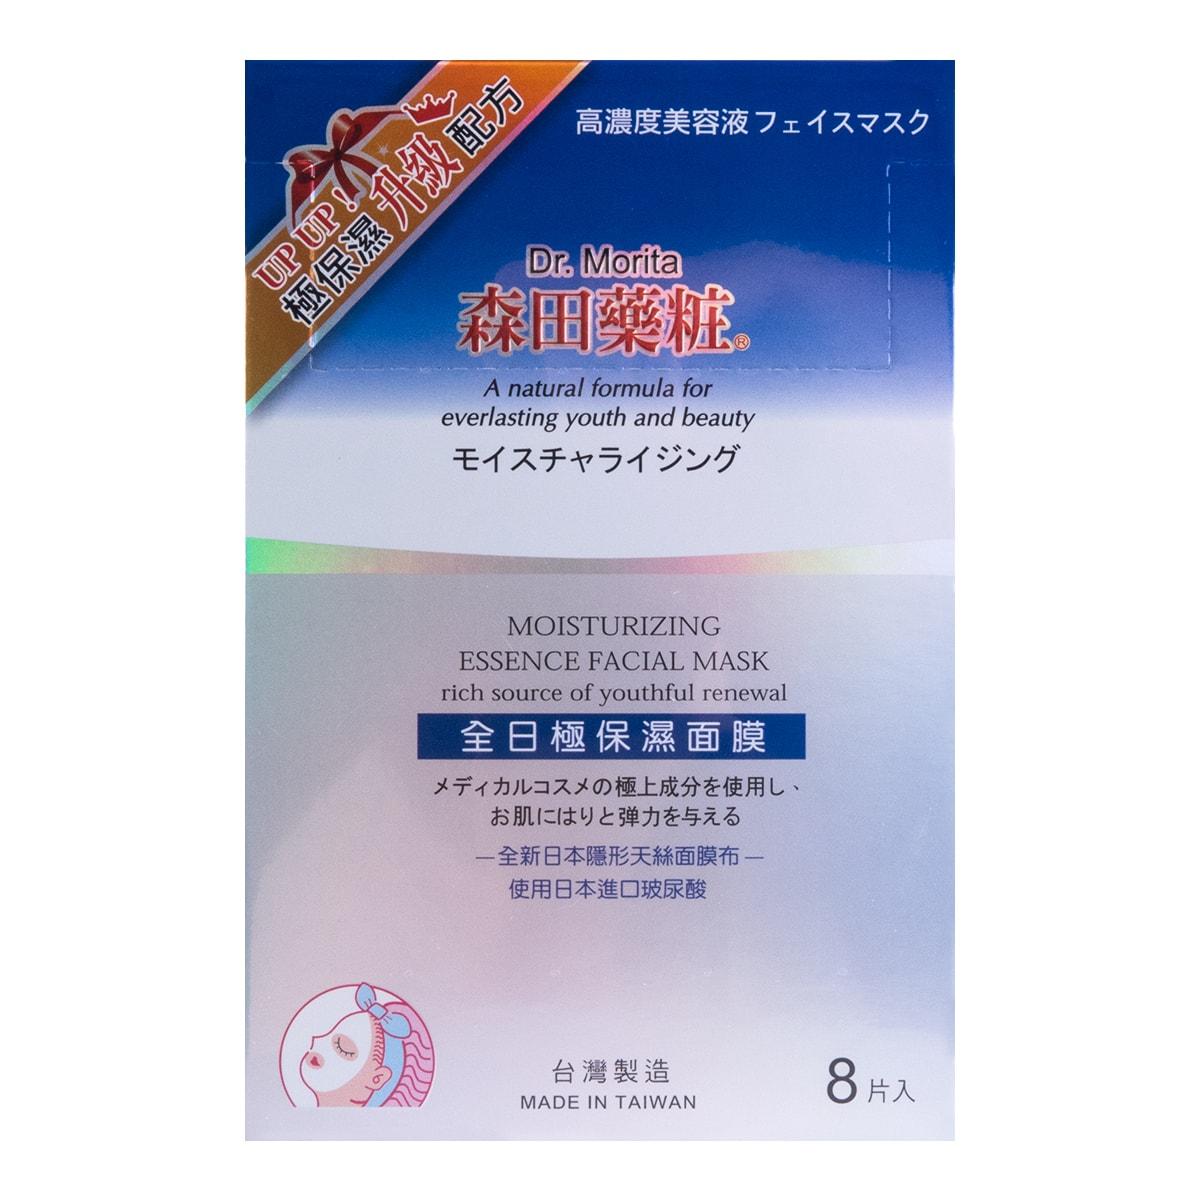 台湾森田药妆 全日极保湿面膜 8片入